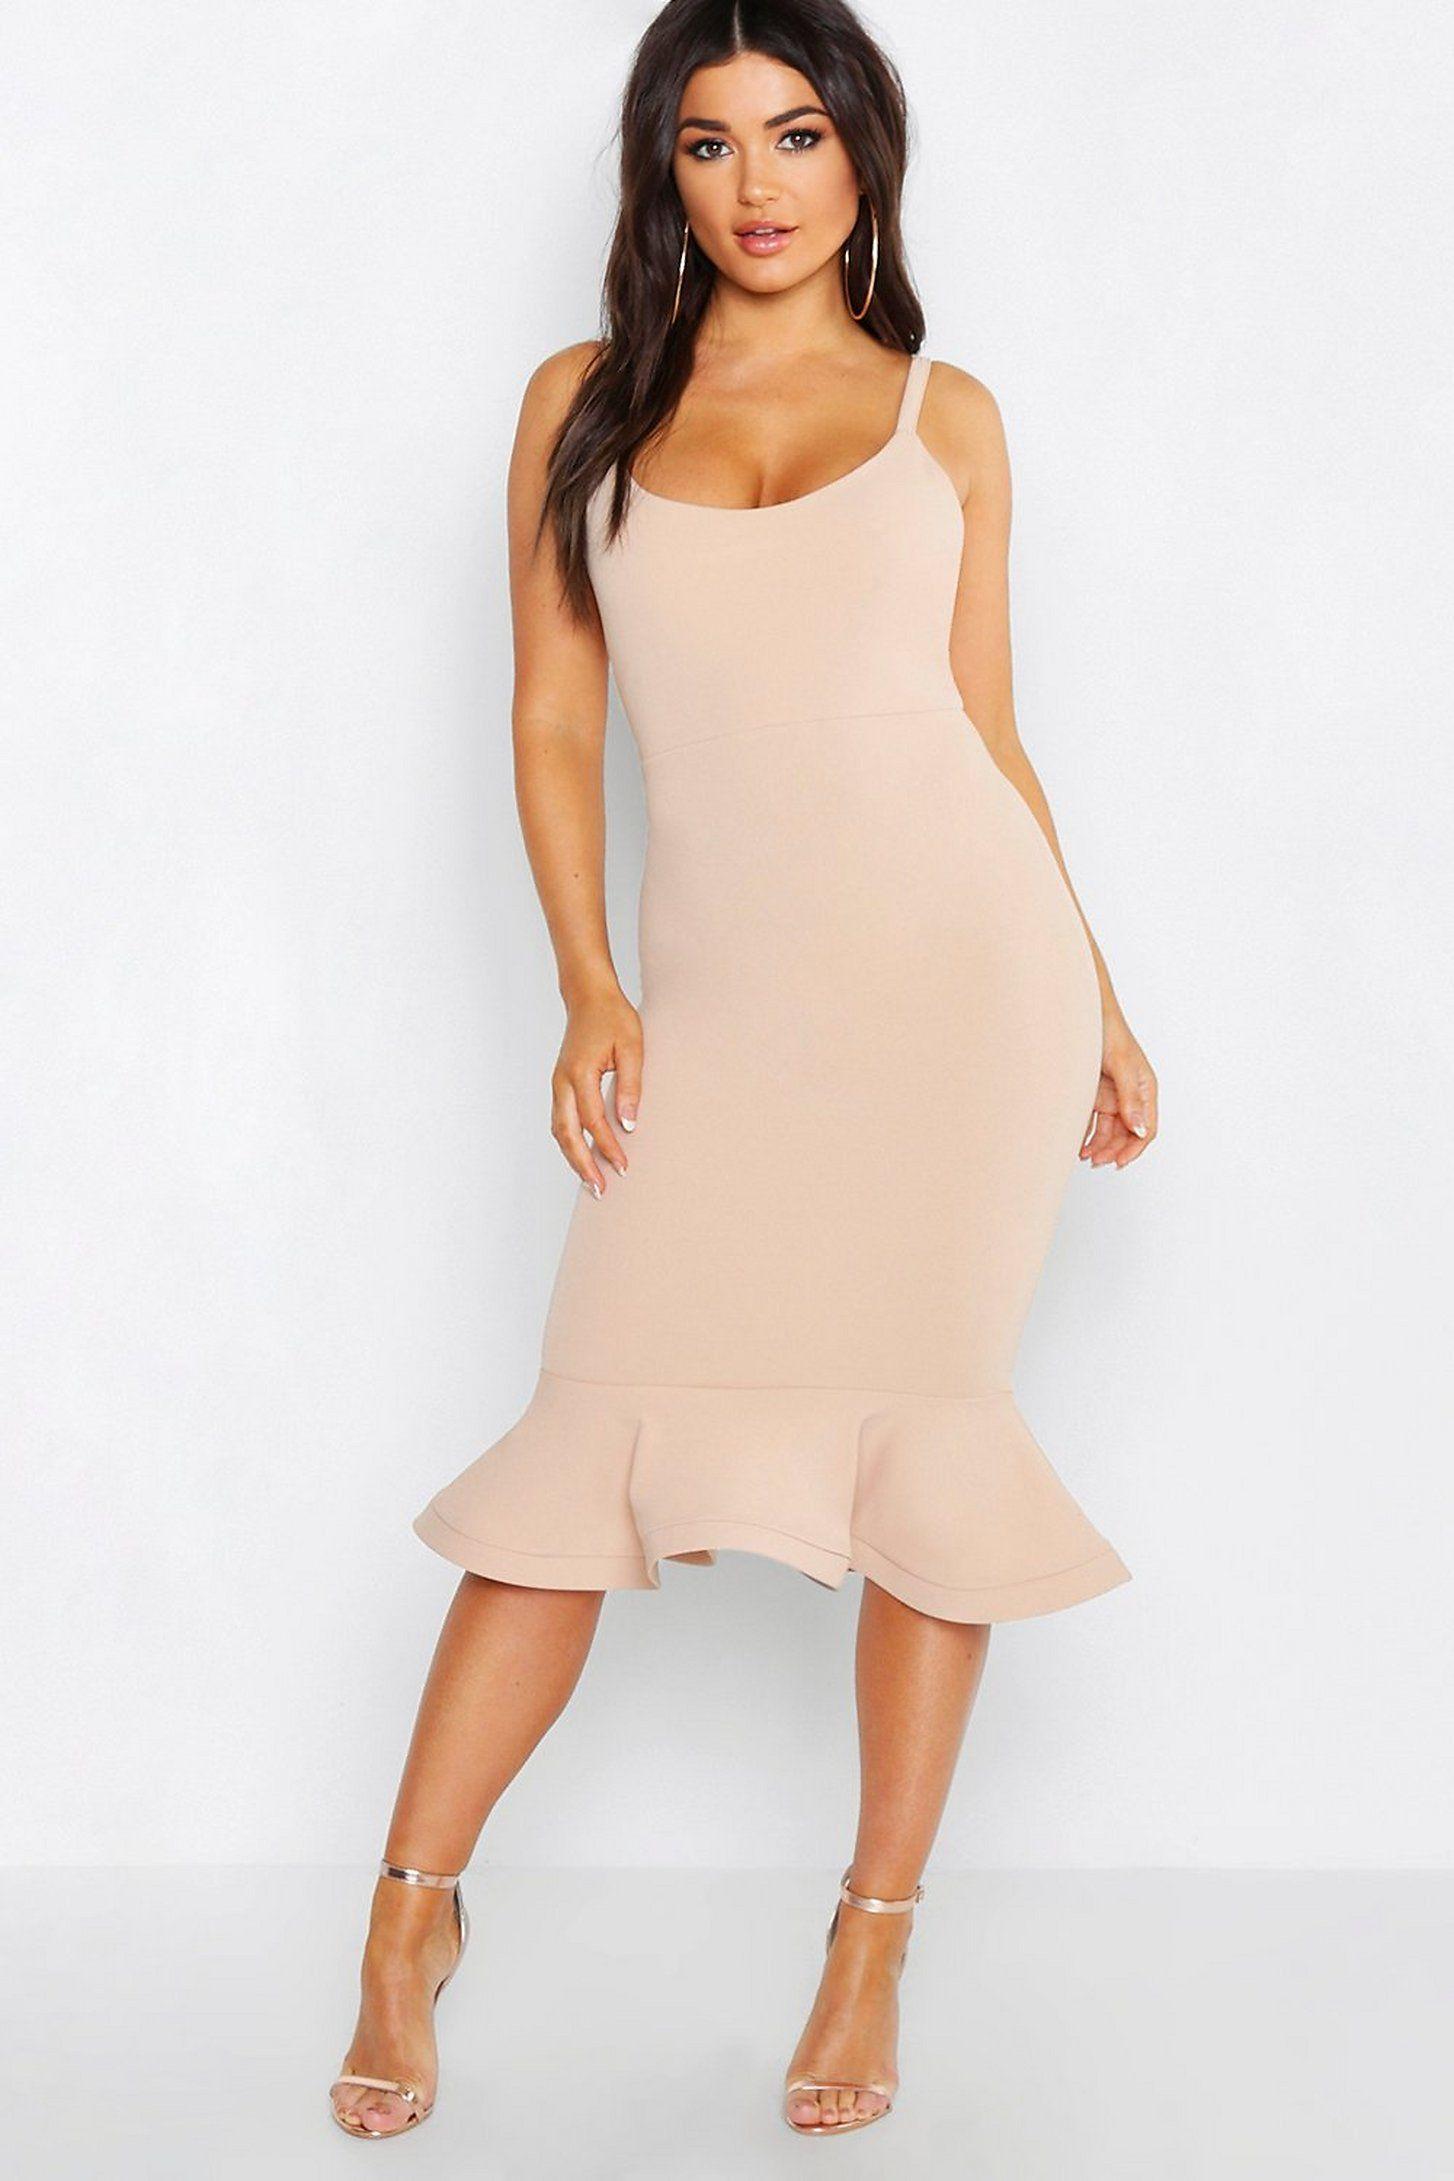 Peplum Frill Hem Strappy Midi Dress Boohoo [ 2181 x 1454 Pixel ]